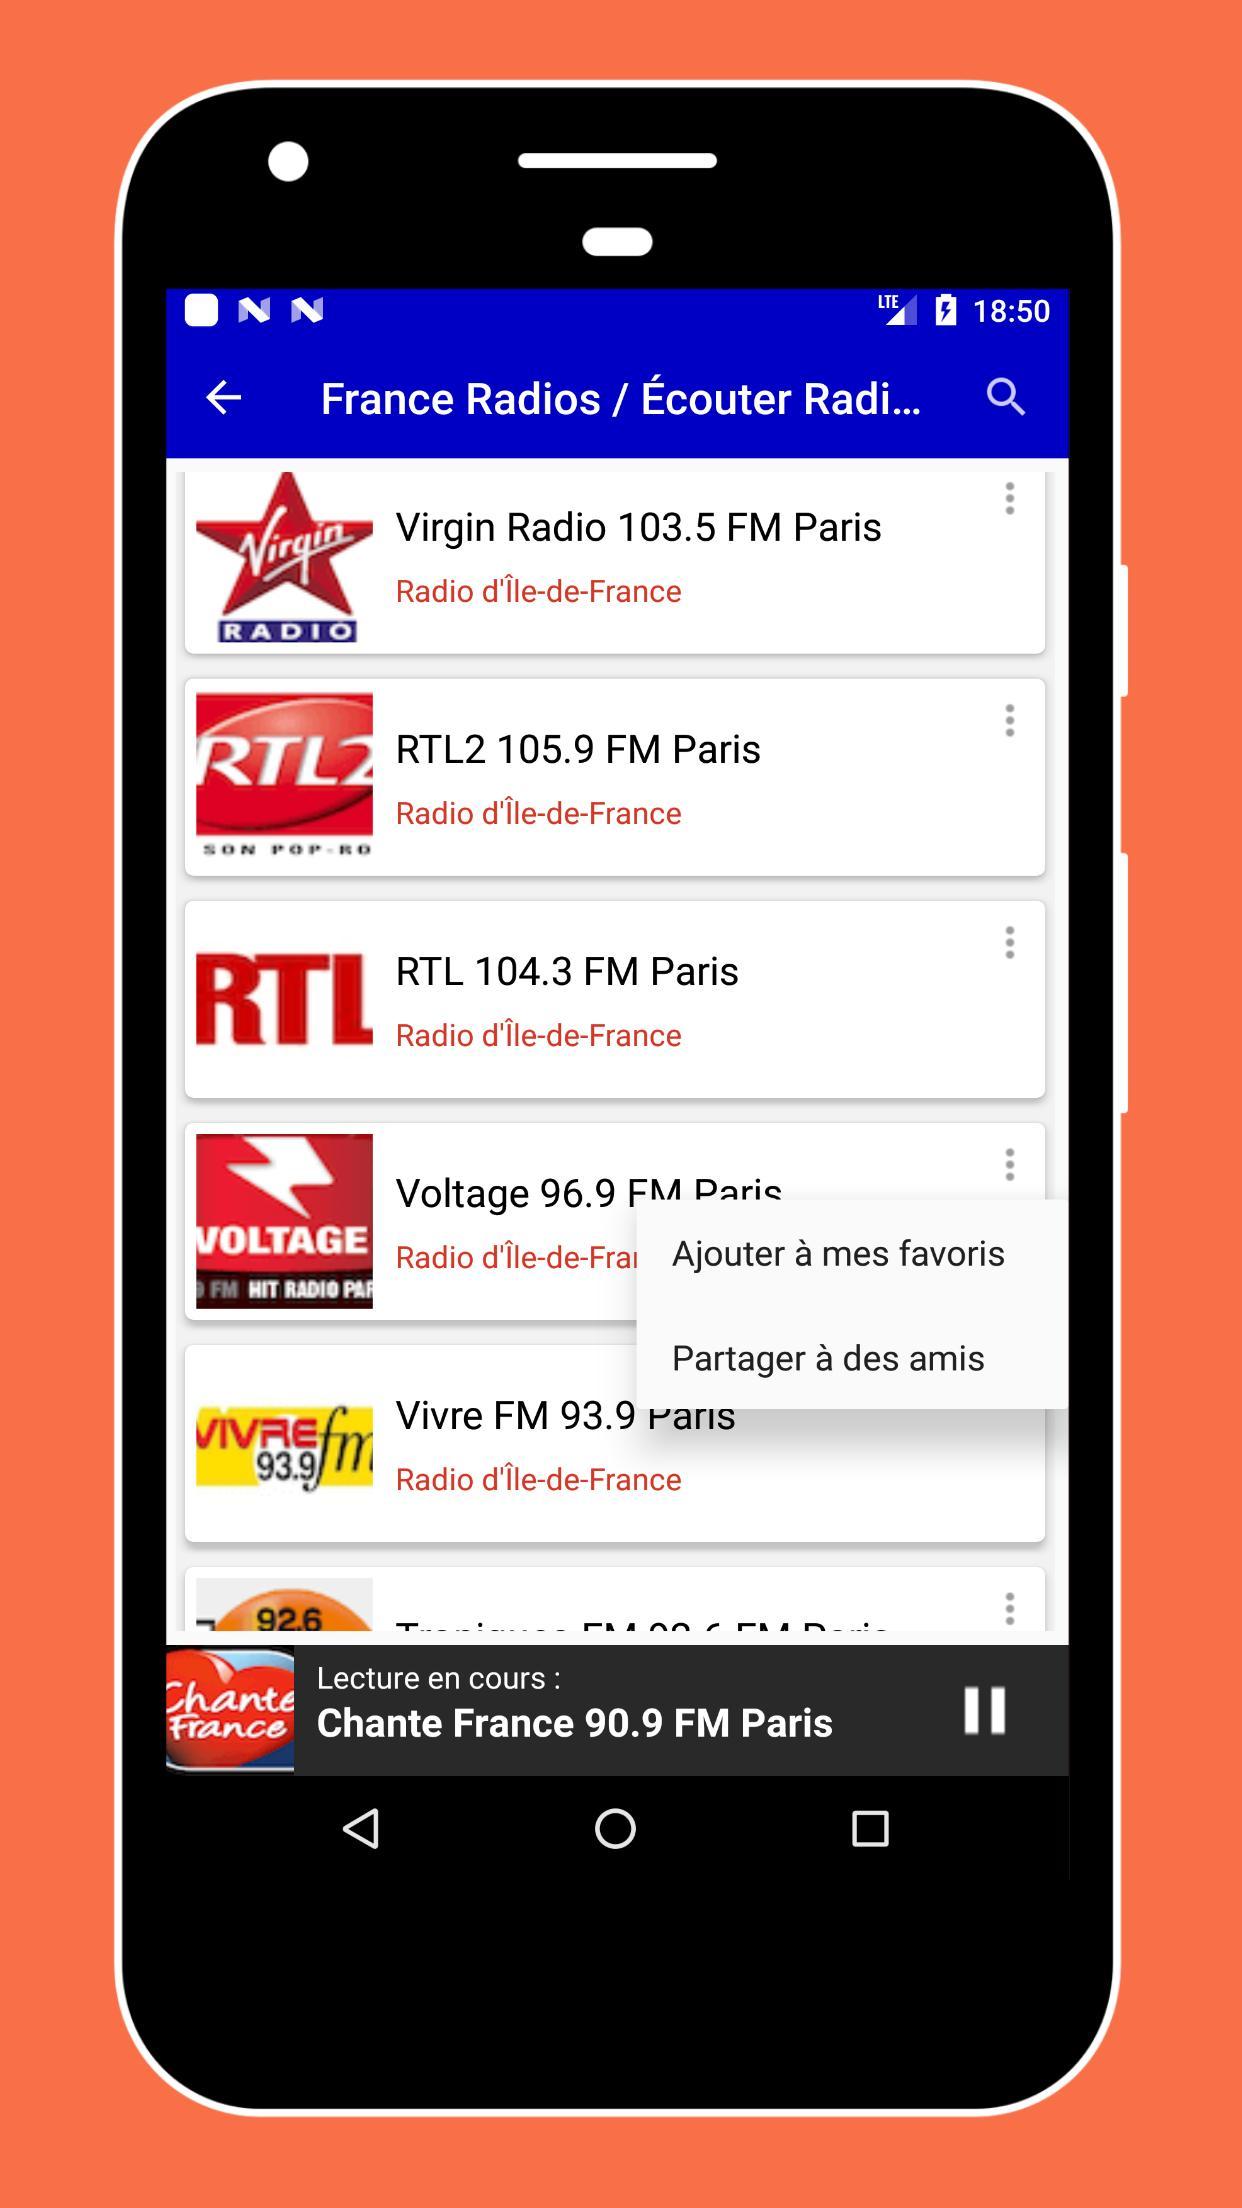 französische radiosender